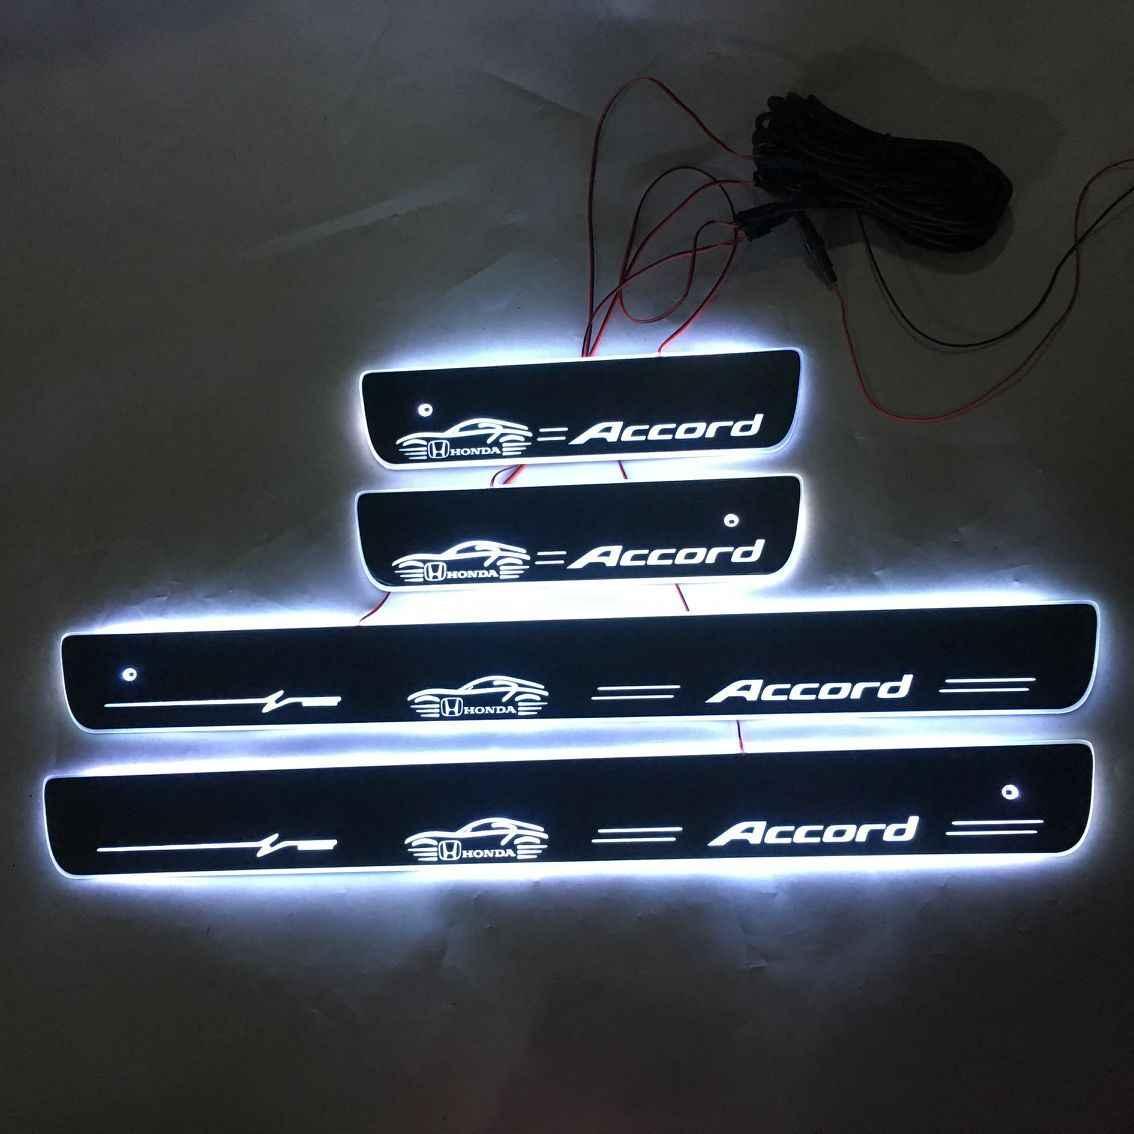 Aplicar para accord porta dinâmica led lâmpada peitoril scuff placa pedal bem vindo estilo do carro twinkle soleiras de iluminação para honda accord